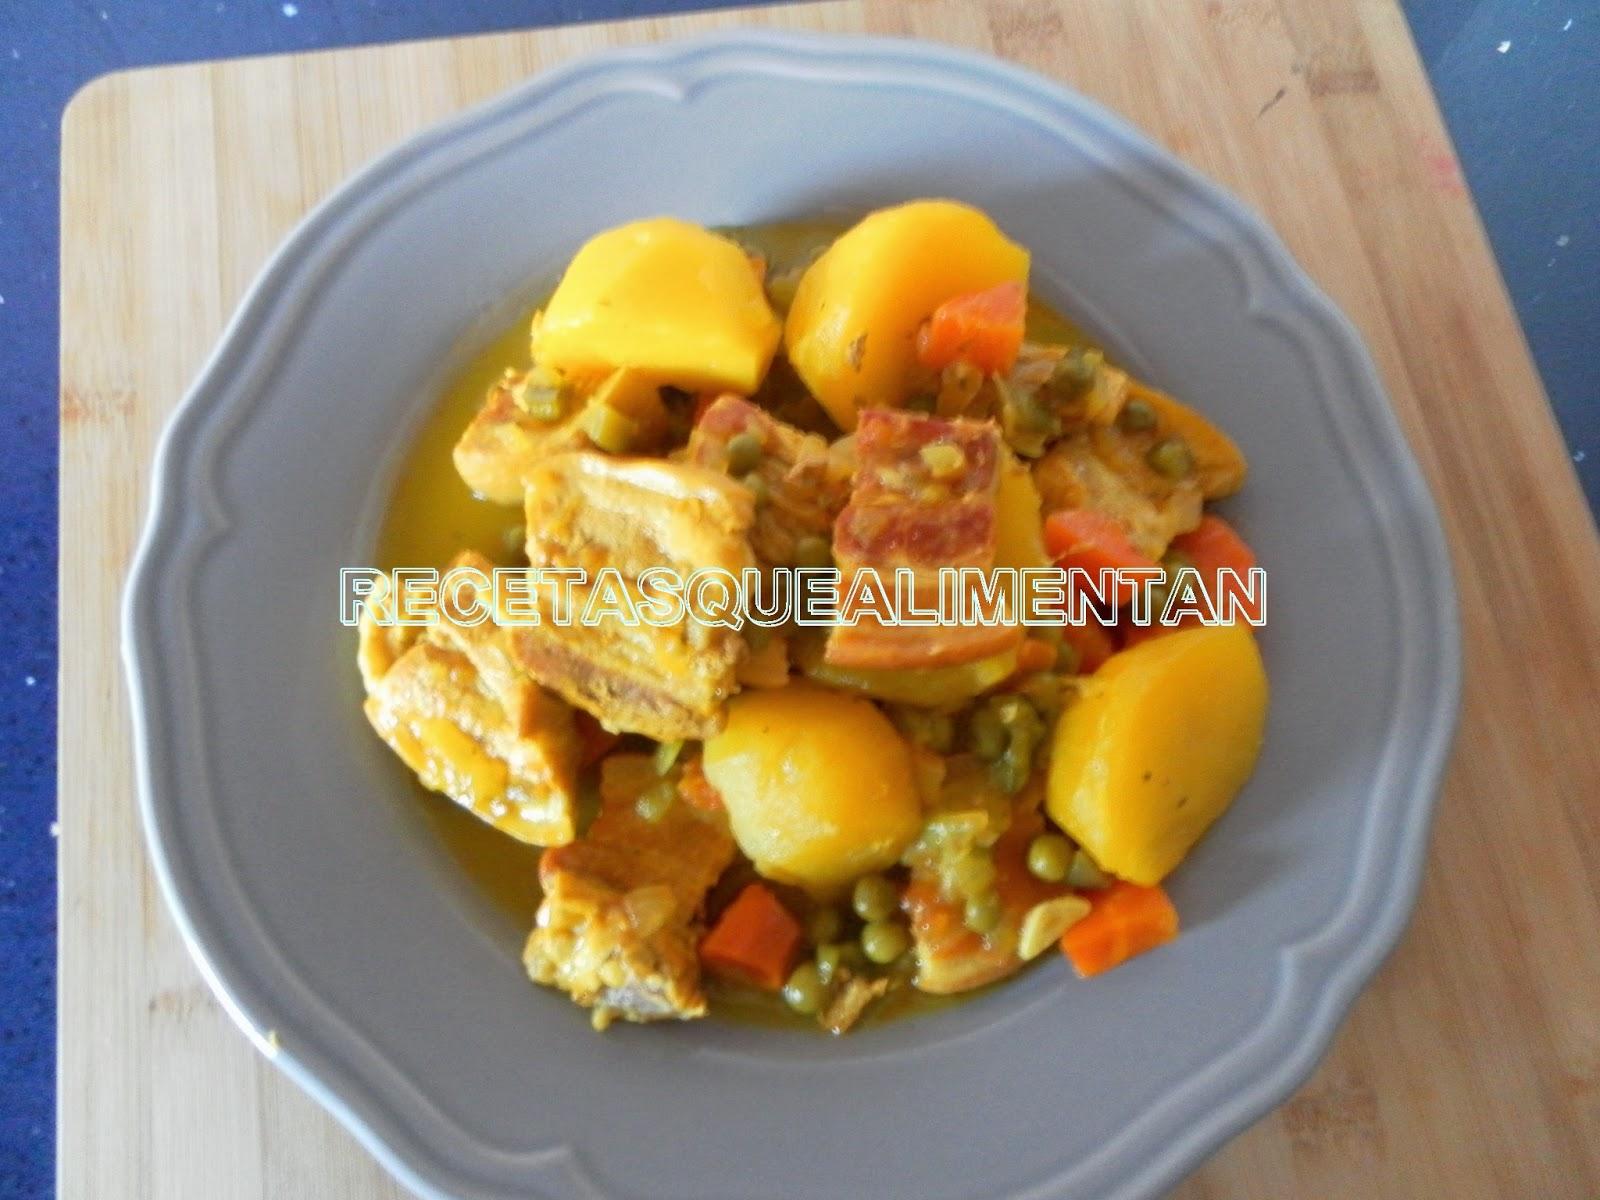 Recetas que alimentan guiso de panceta y patatas en olla r pida - Patatas en olla rapida ...